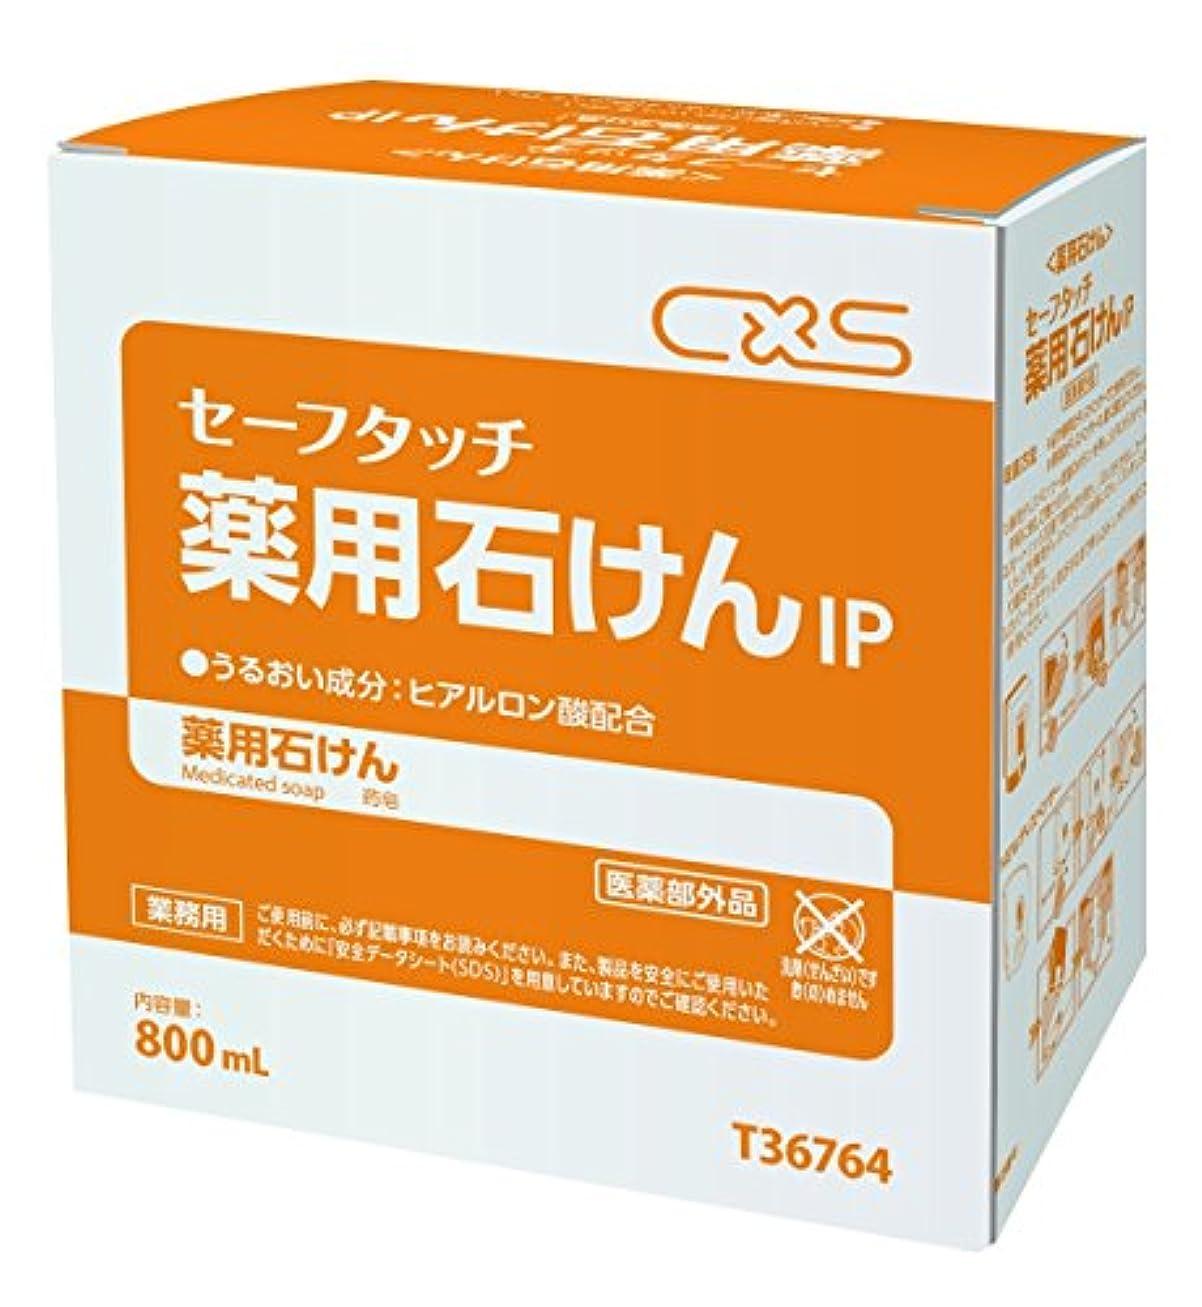 生理豆腐暗殺者セーフタッチ 薬用石けんIP 6箱セット